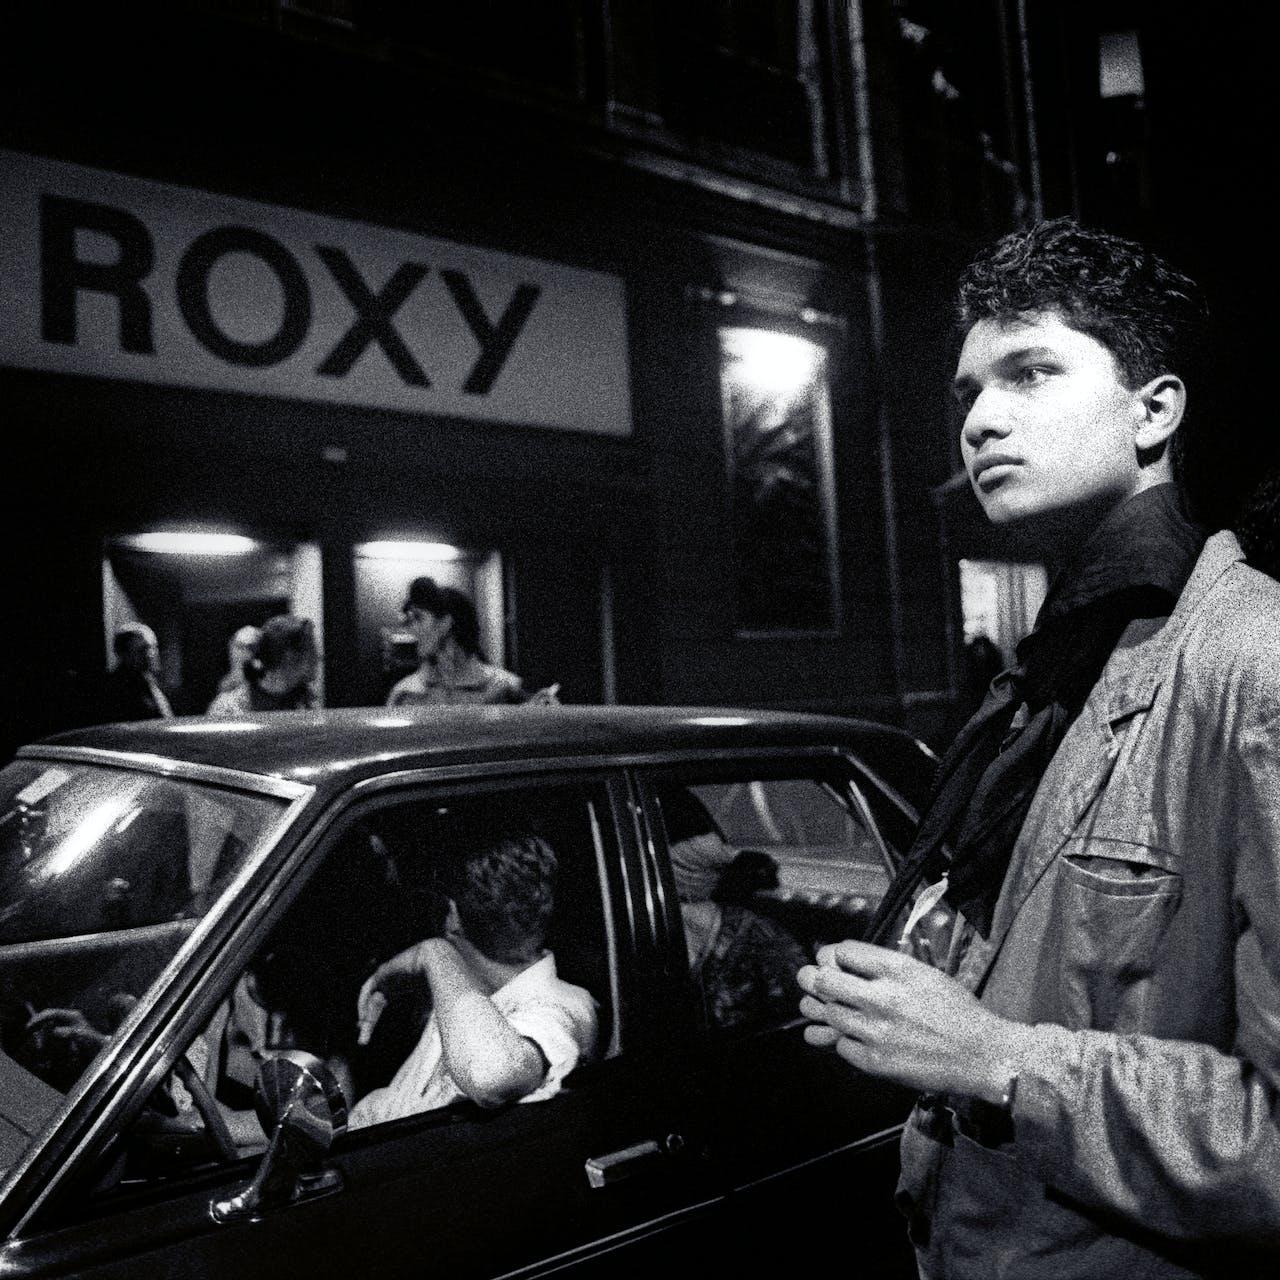 Jan Carel Warffemius: 'Club RoXY Amsterdam'(1989). De befaamde club werd opgericht door Peter Giele van het kunstenaarscollectief Aorta.